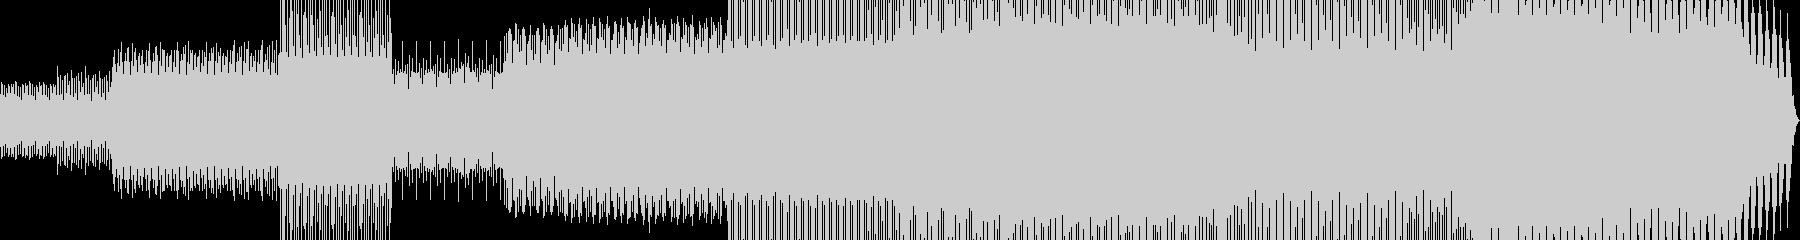 ダンス-ハウス大型フィルターと大型...の未再生の波形